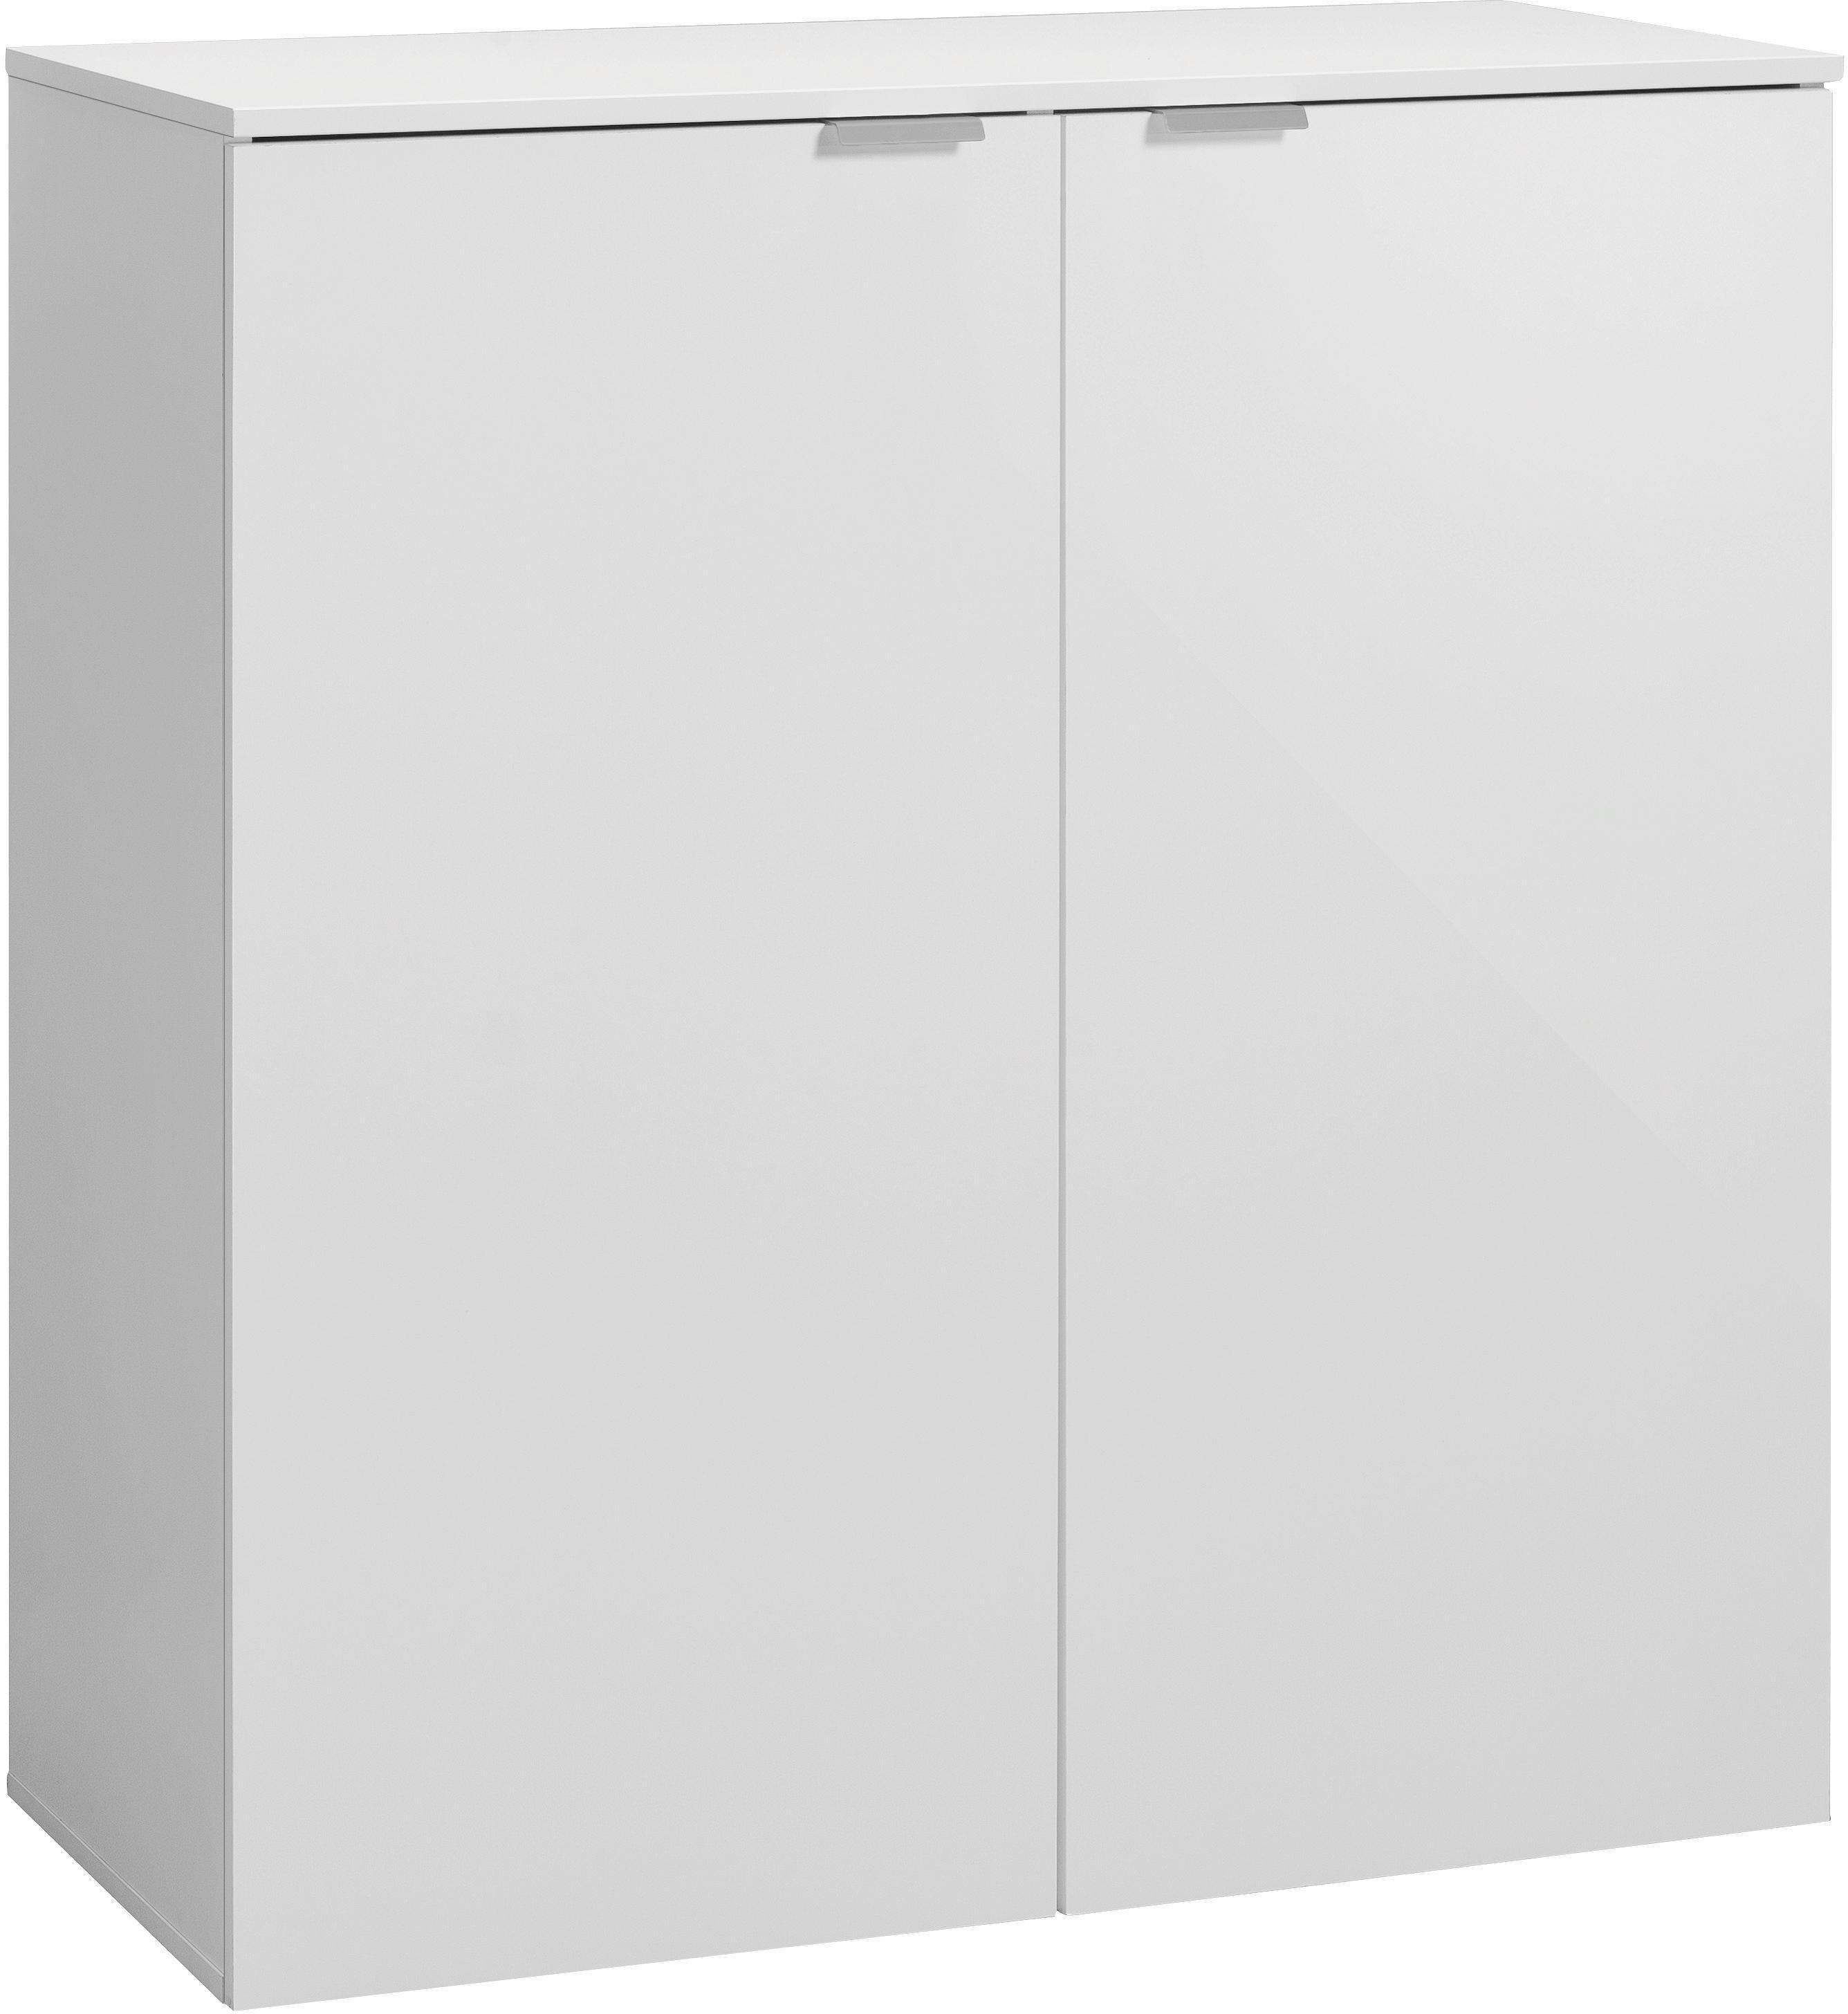 KOMMODE in Weiß - Silberfarben/Schwarz, Design, Holzwerkstoff/Kunststoff (91/100/42cm) - CS SCHMAL